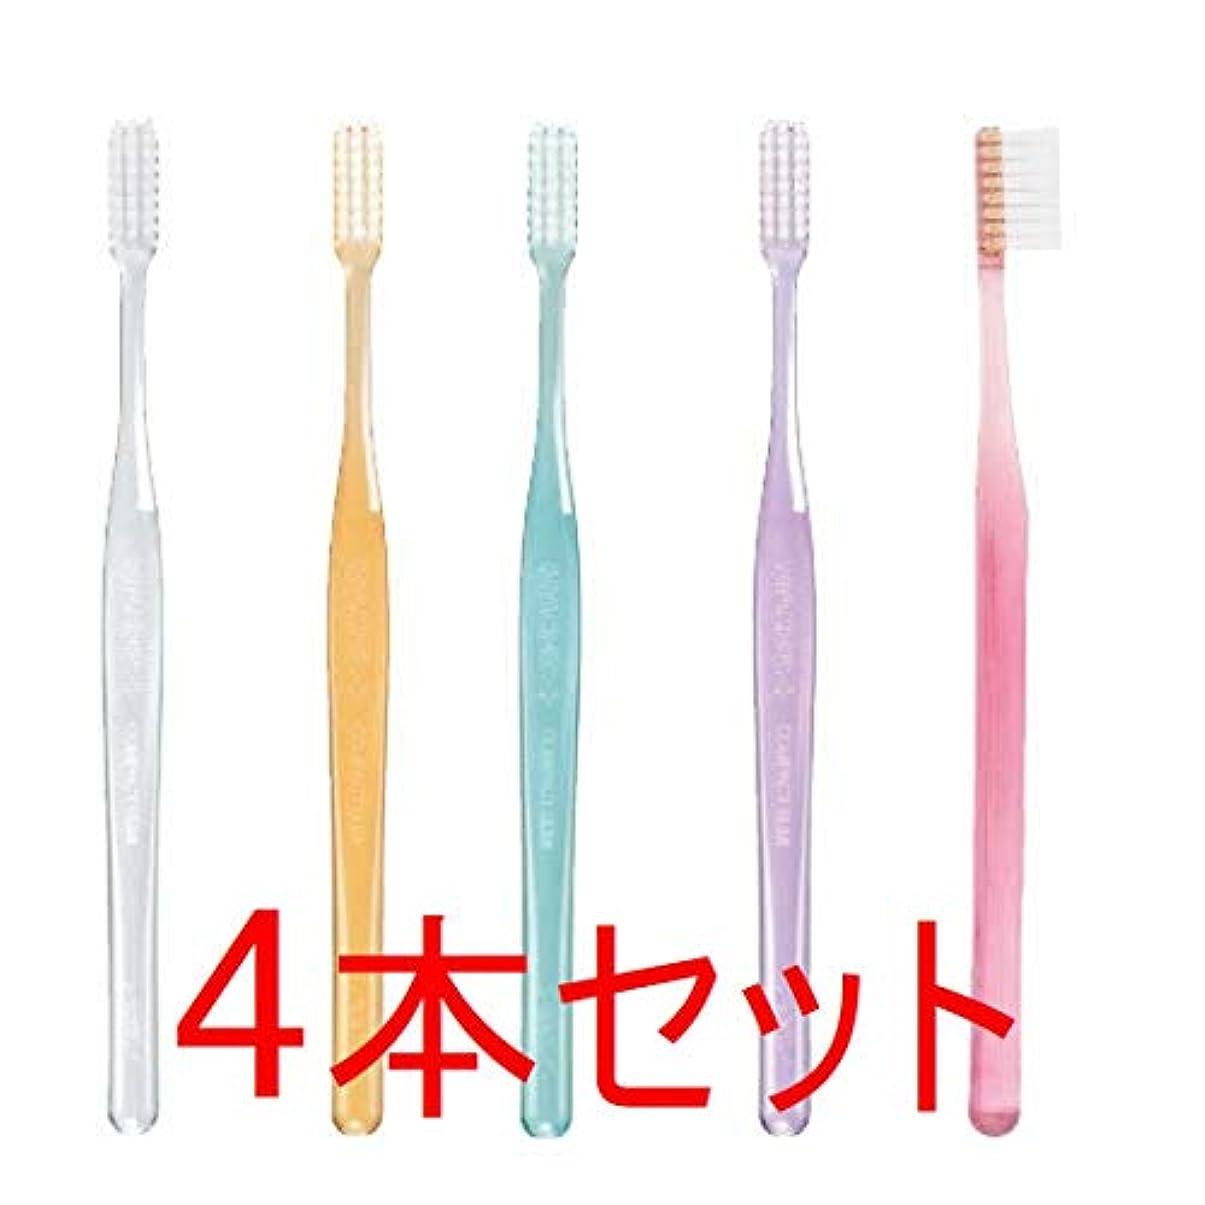 通訳ポータルコンパイルGC プロスペック 歯ブラシ プラス コンパクトスリム 4本 クリアー色 (M(ふつう), おまかせ)